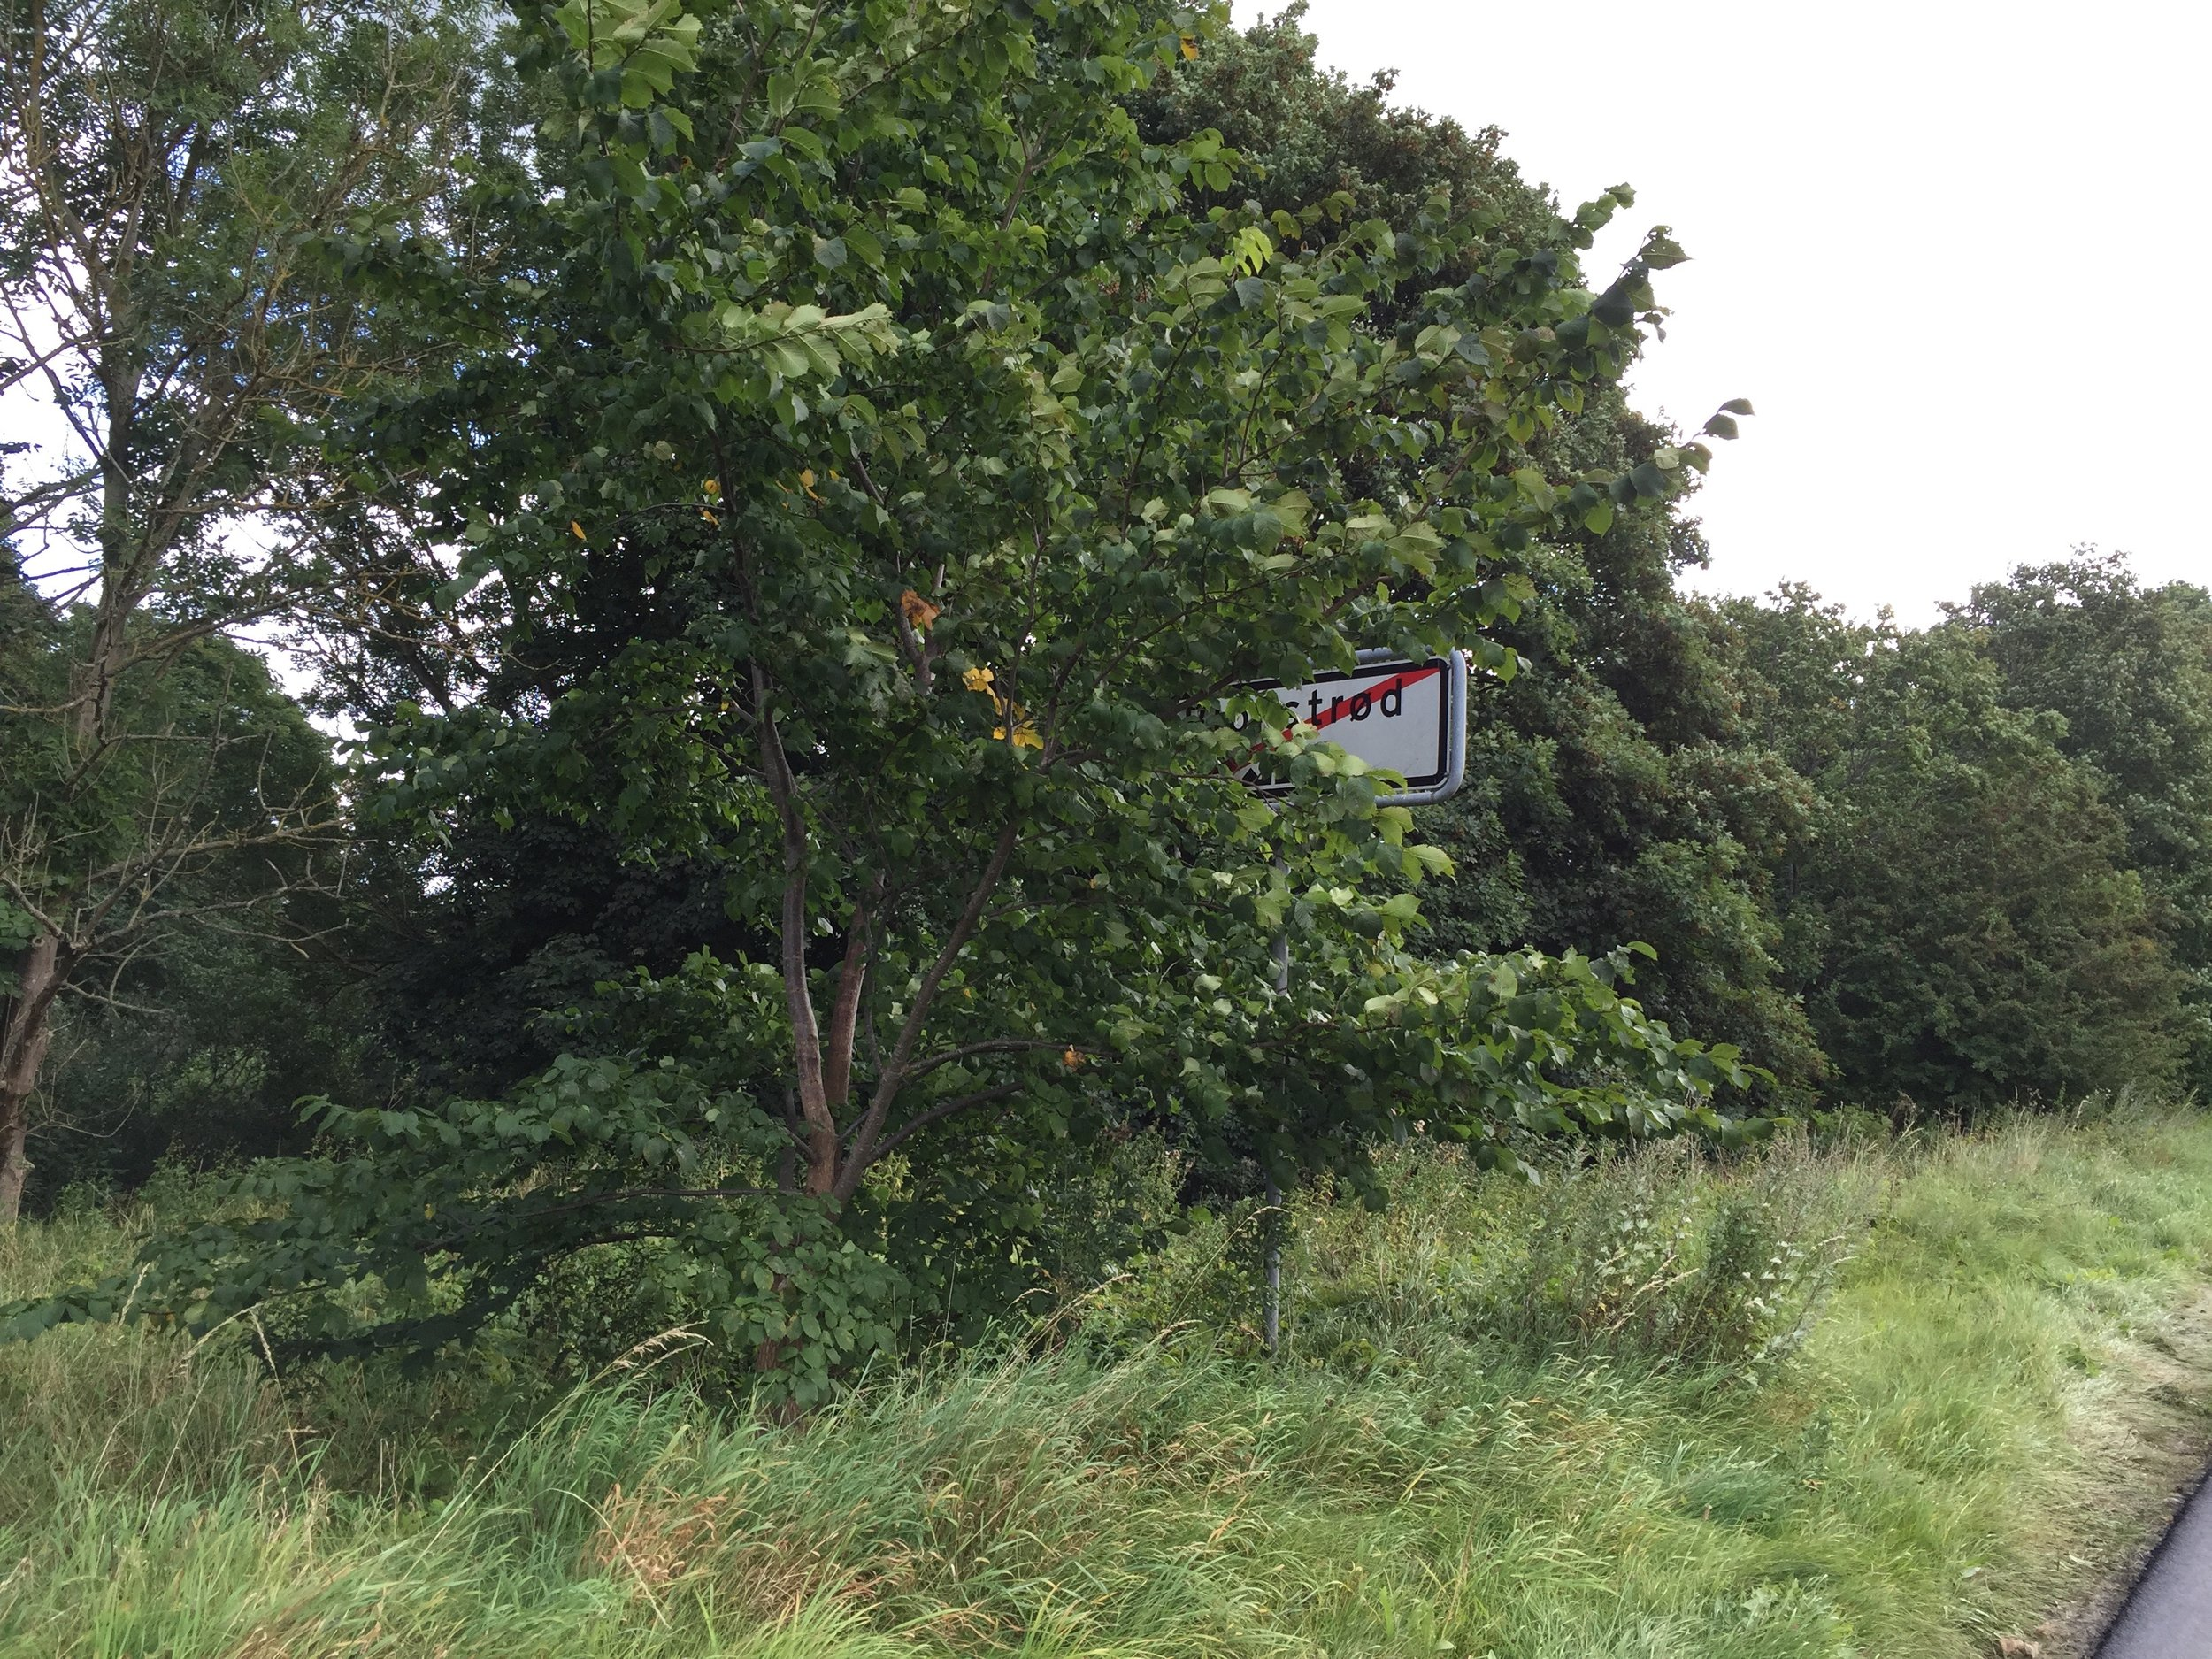 Godt gemt bag et træ står ophævelsen af 50 km/t-hastigheden, når man kører ud ad Blovstrød mod Birkerød. Foto: AOB